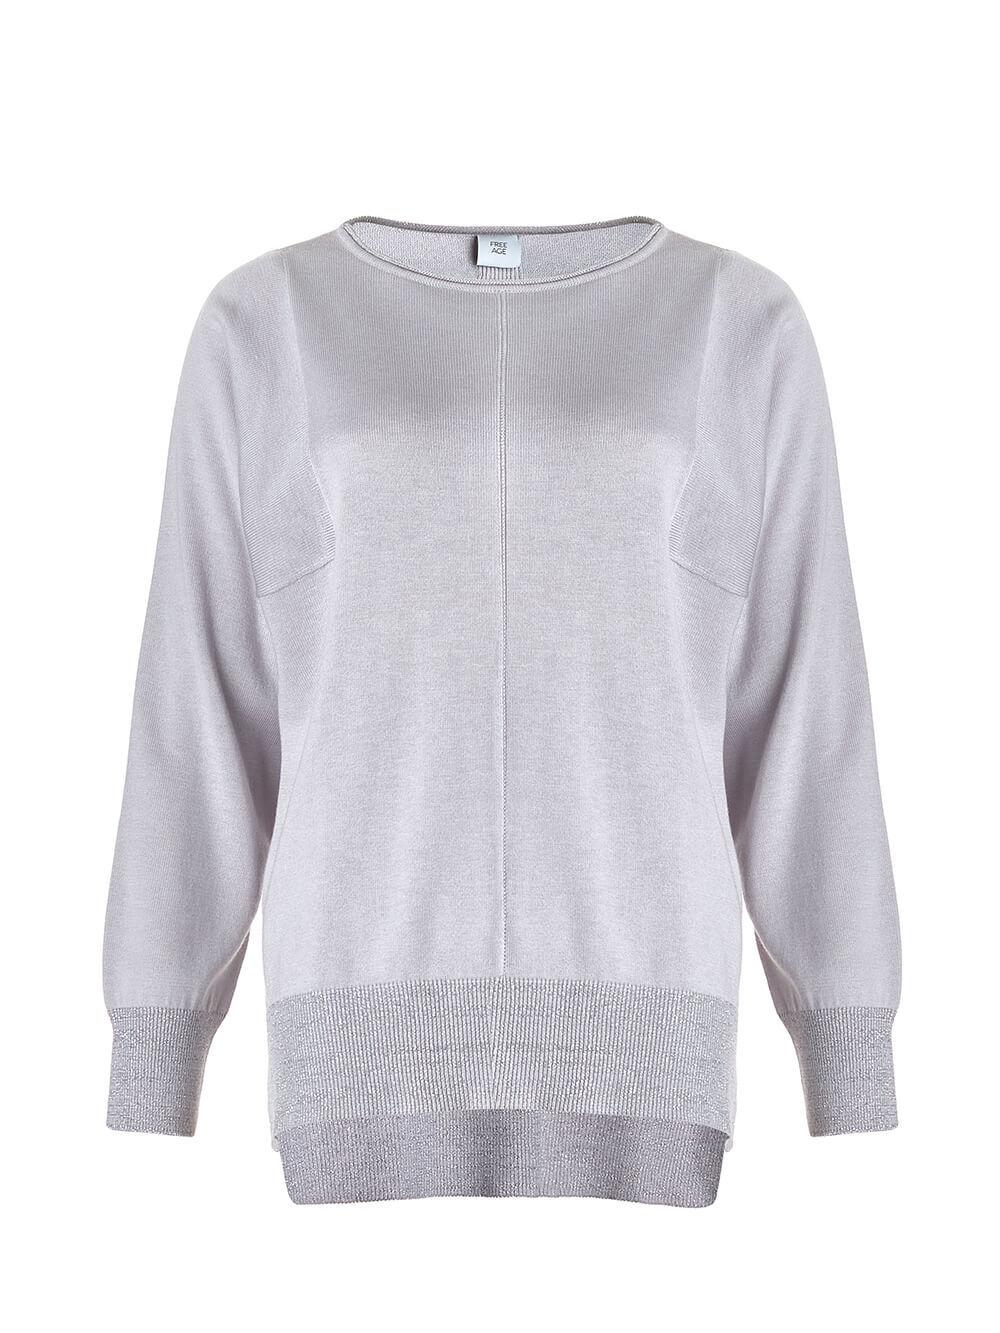 Светло-серый джемпер из шёлка и кашемира, с квадратной линией проймы - фото 1